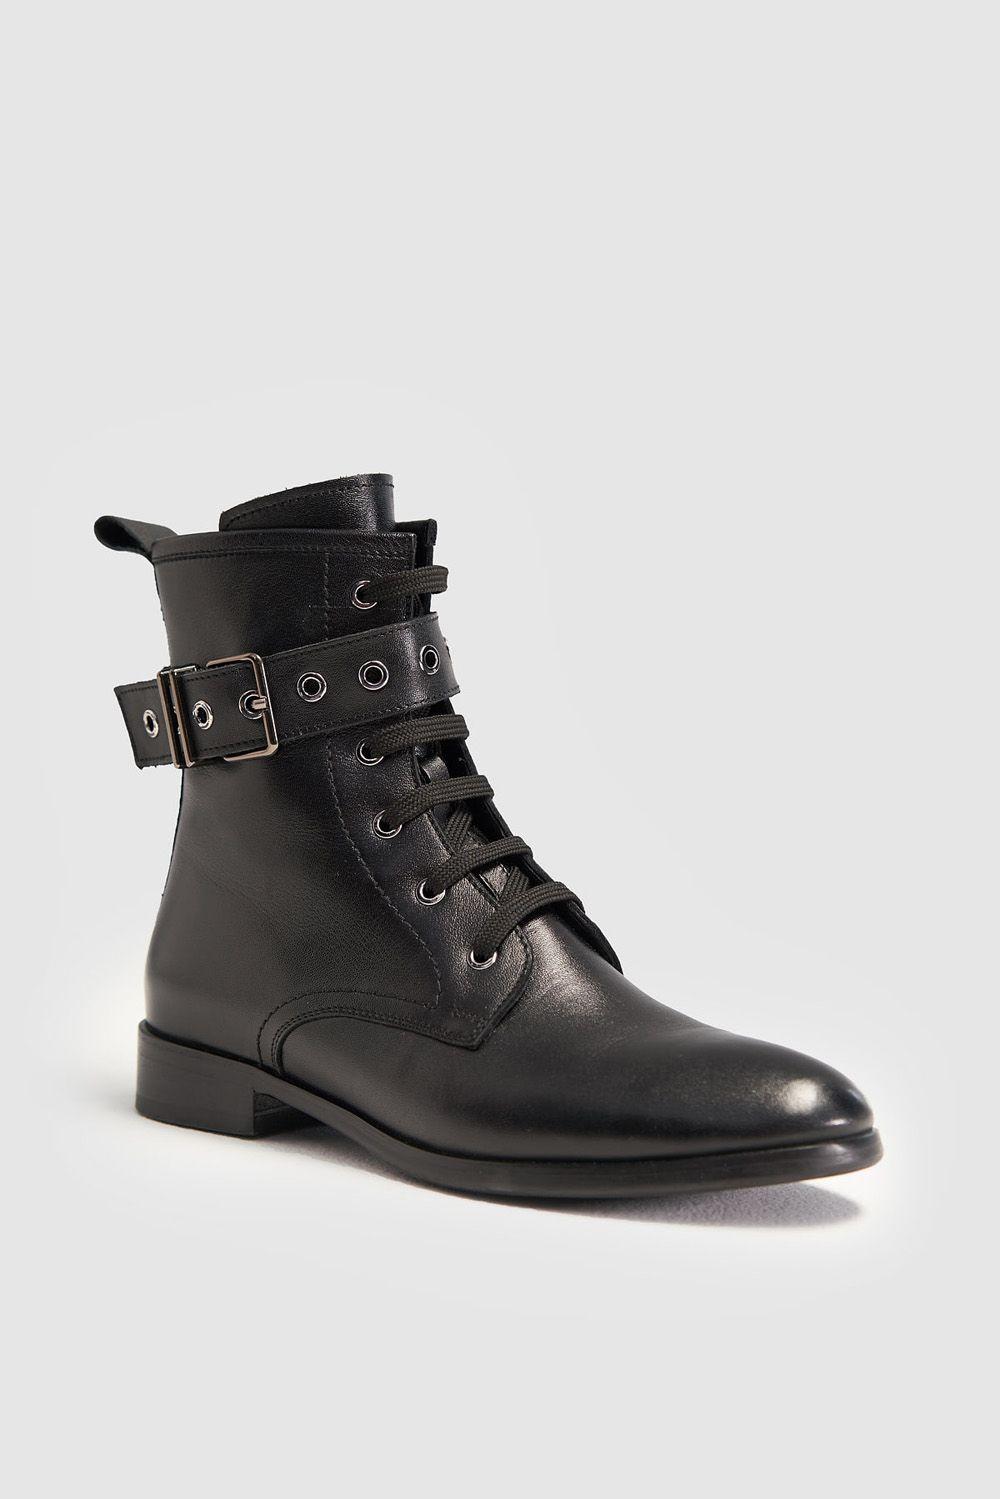 Ботинки для женщин Natali Bolgar BT003KJN1 купить обувь, 2017